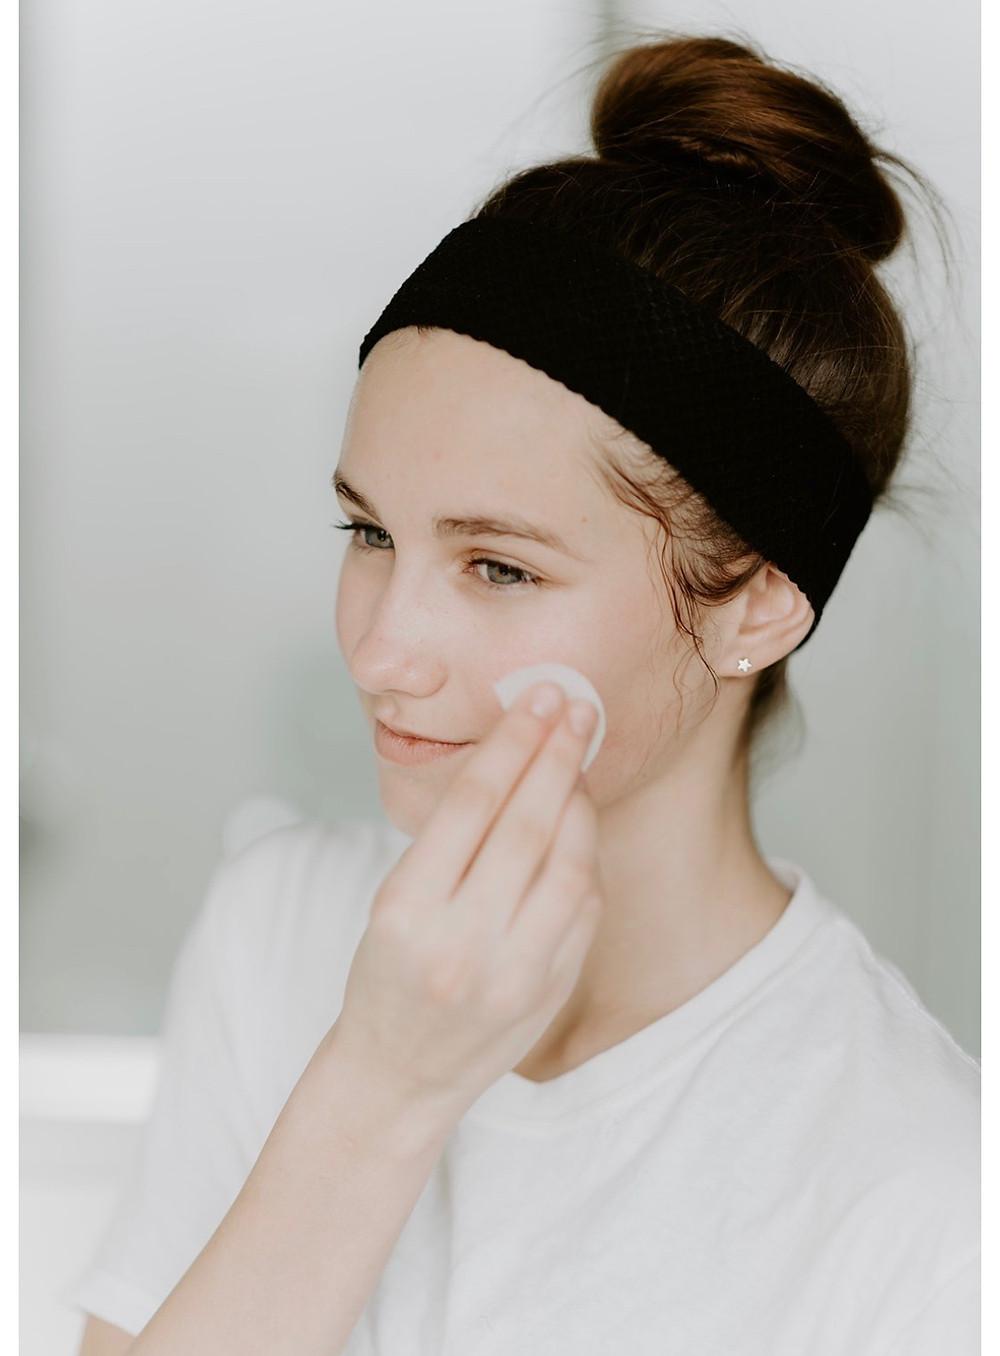 Pre-Teen Skincare